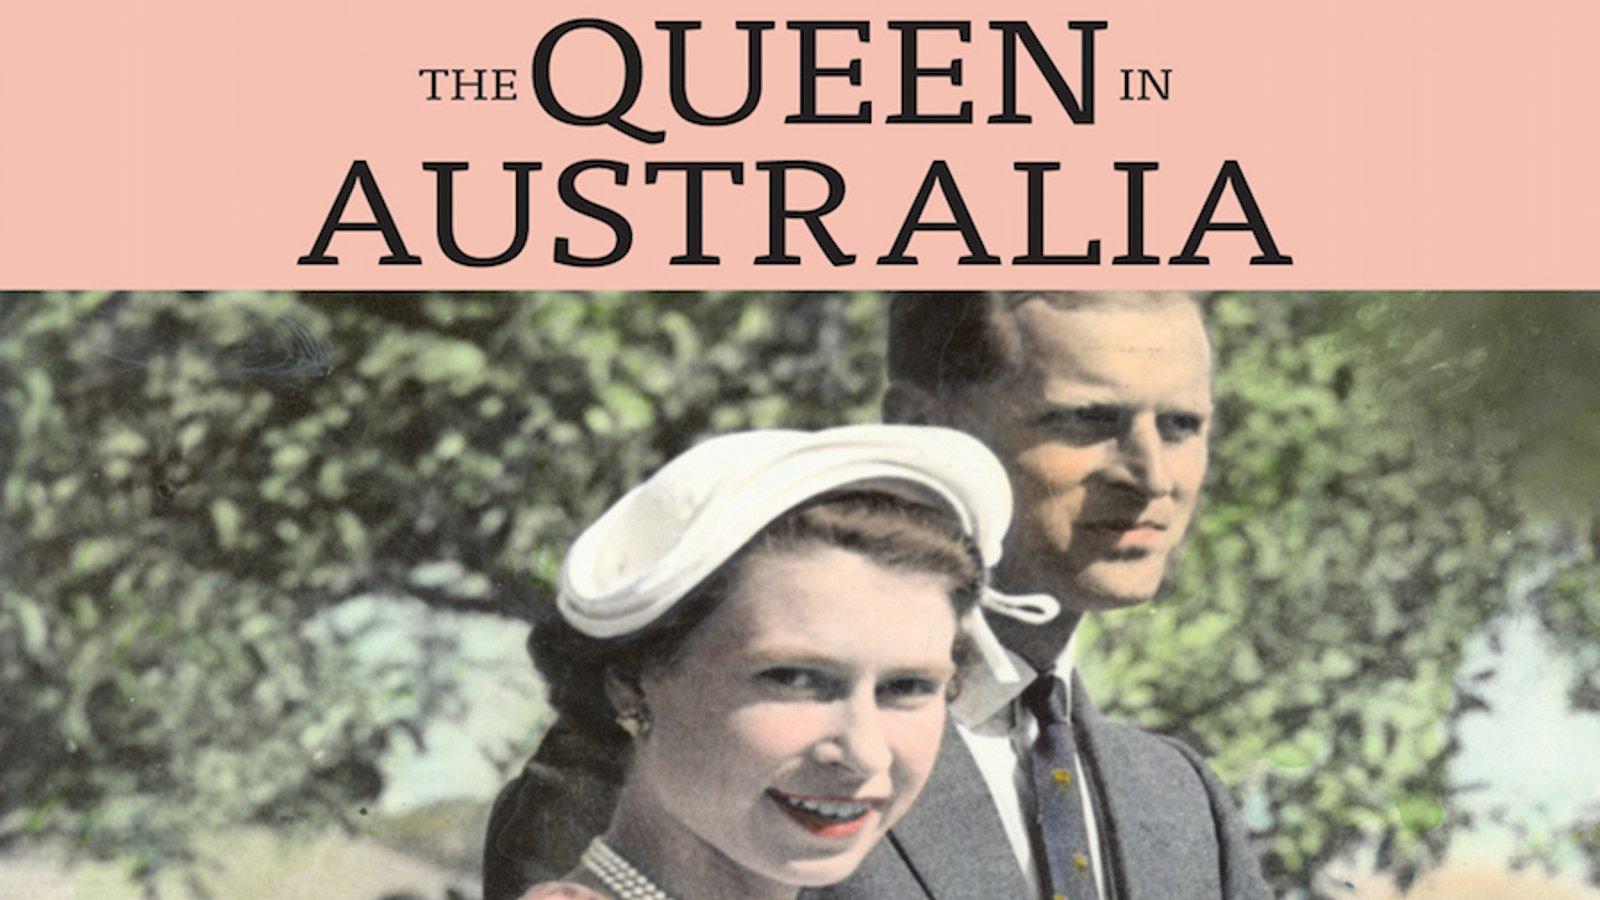 The Queen in Australia - Queen Elizabeth II and Her 1954 Visit to Australia